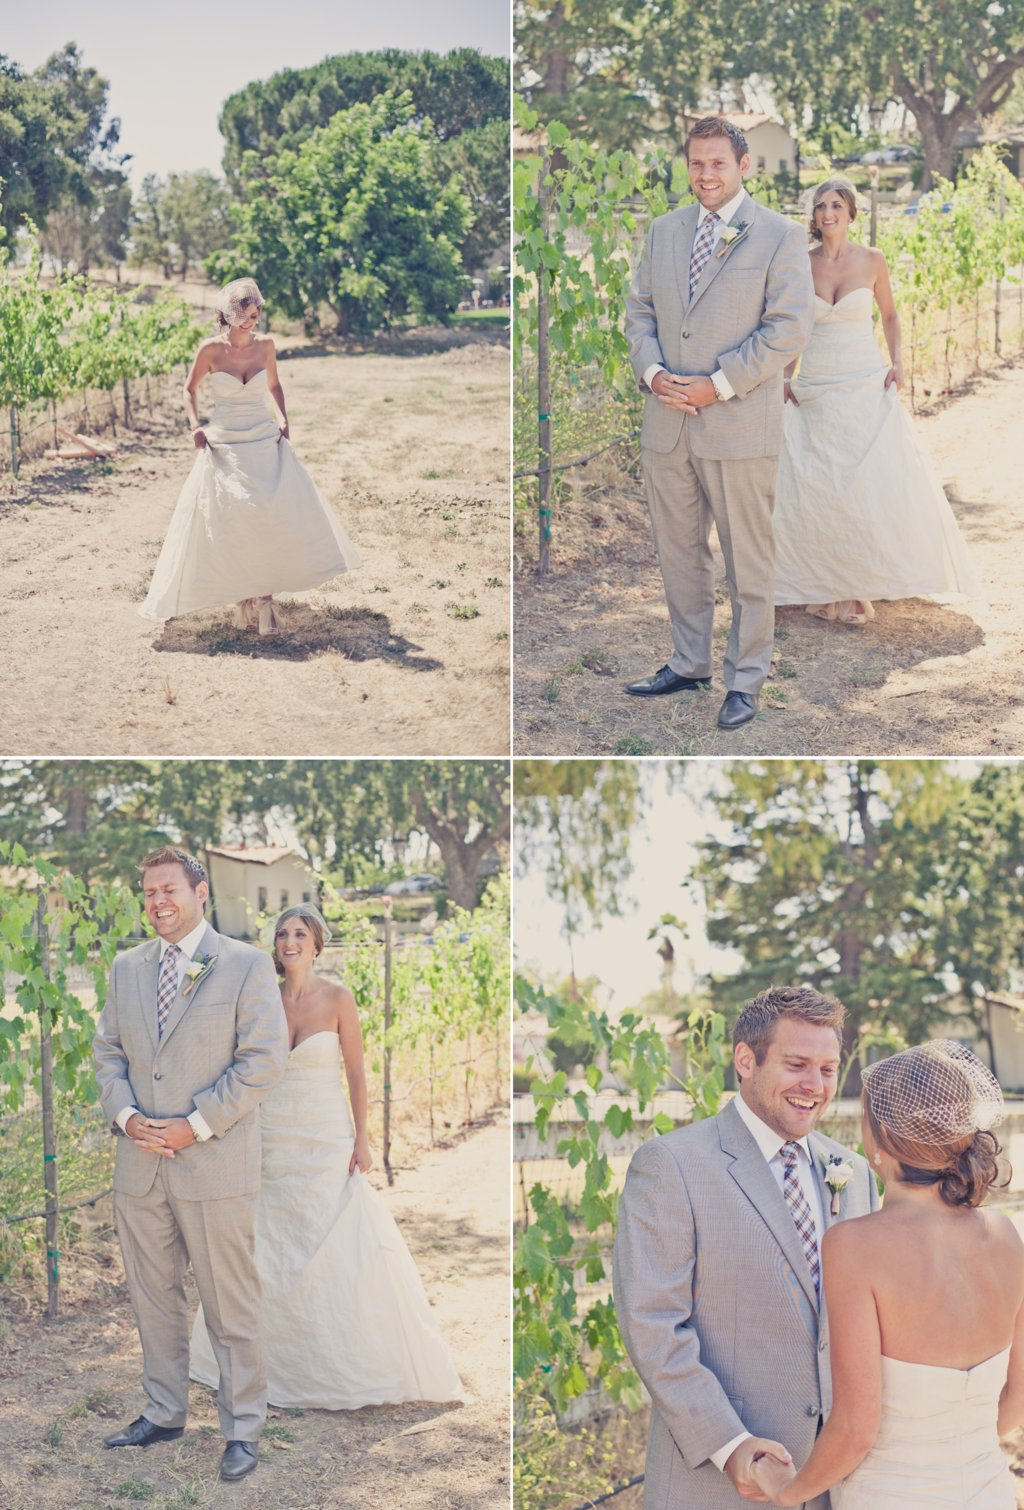 Elegant-real-weddings-peach-lavender-outdoor-wedding-first-look-between-bride-and-groom-1.full